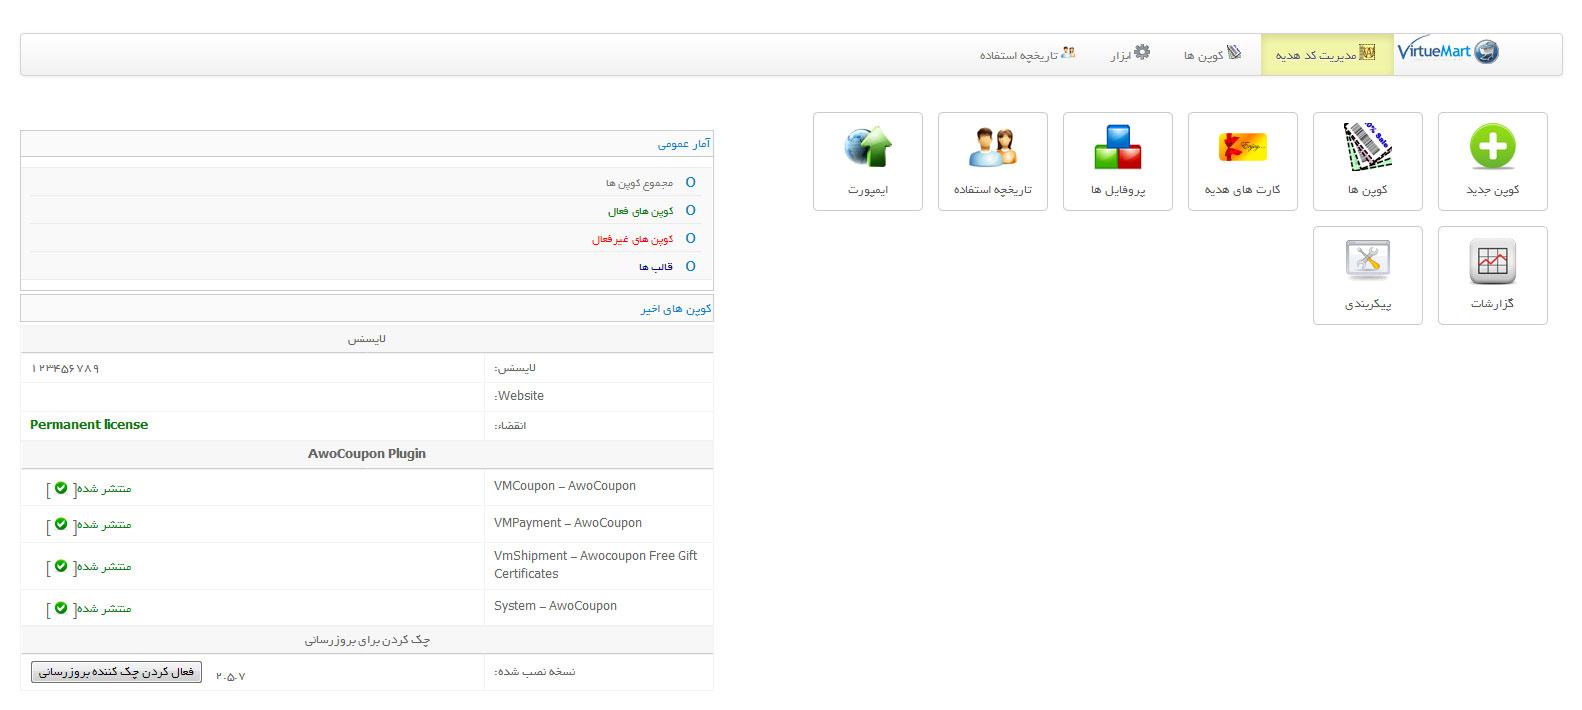 مدیریت کد تخفیف و کارت هدیه AwoCoupon Pro فارسی